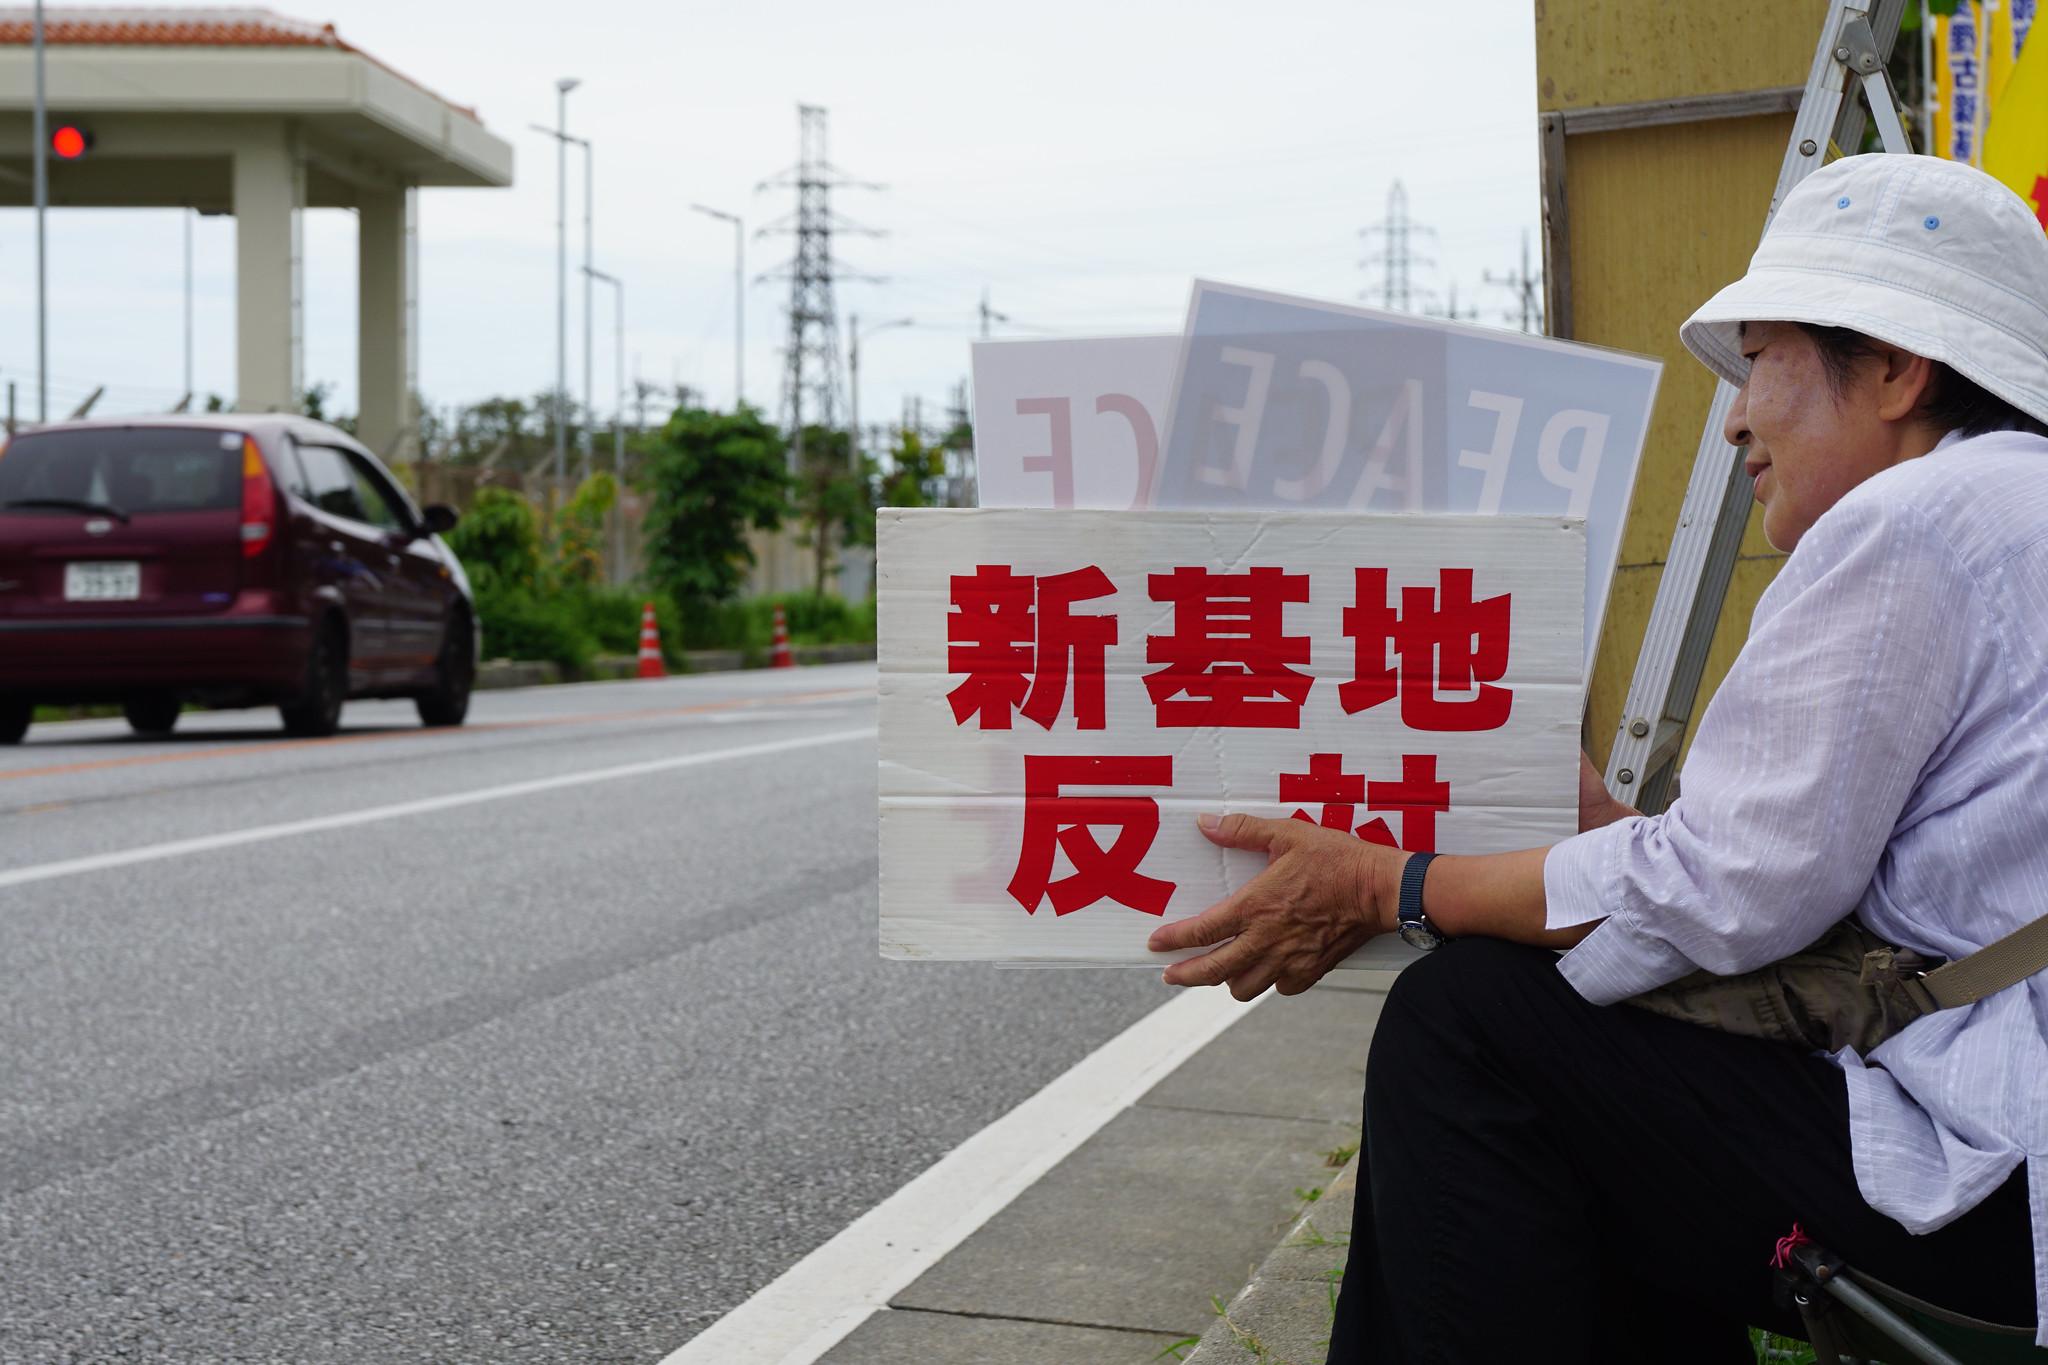 沖繩民眾稱邊野古為「新基地」而非日本政府所宣爭的「替代設施」。(攝影:王顥中)